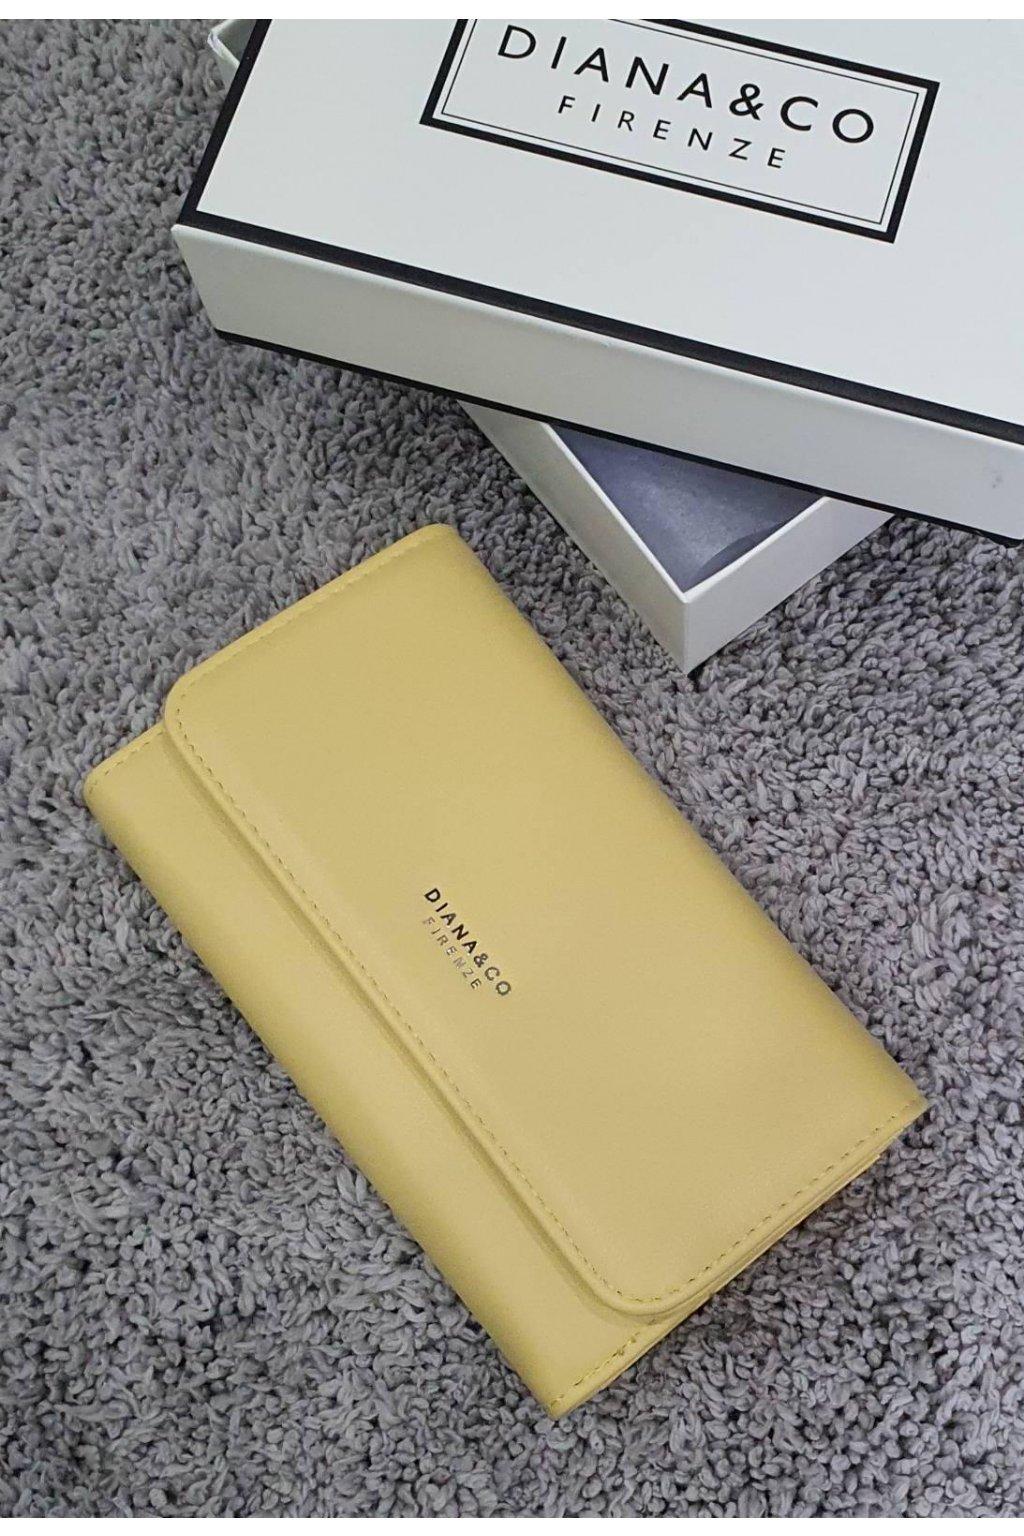 Dámská značková peněženka Diana & co žlutá